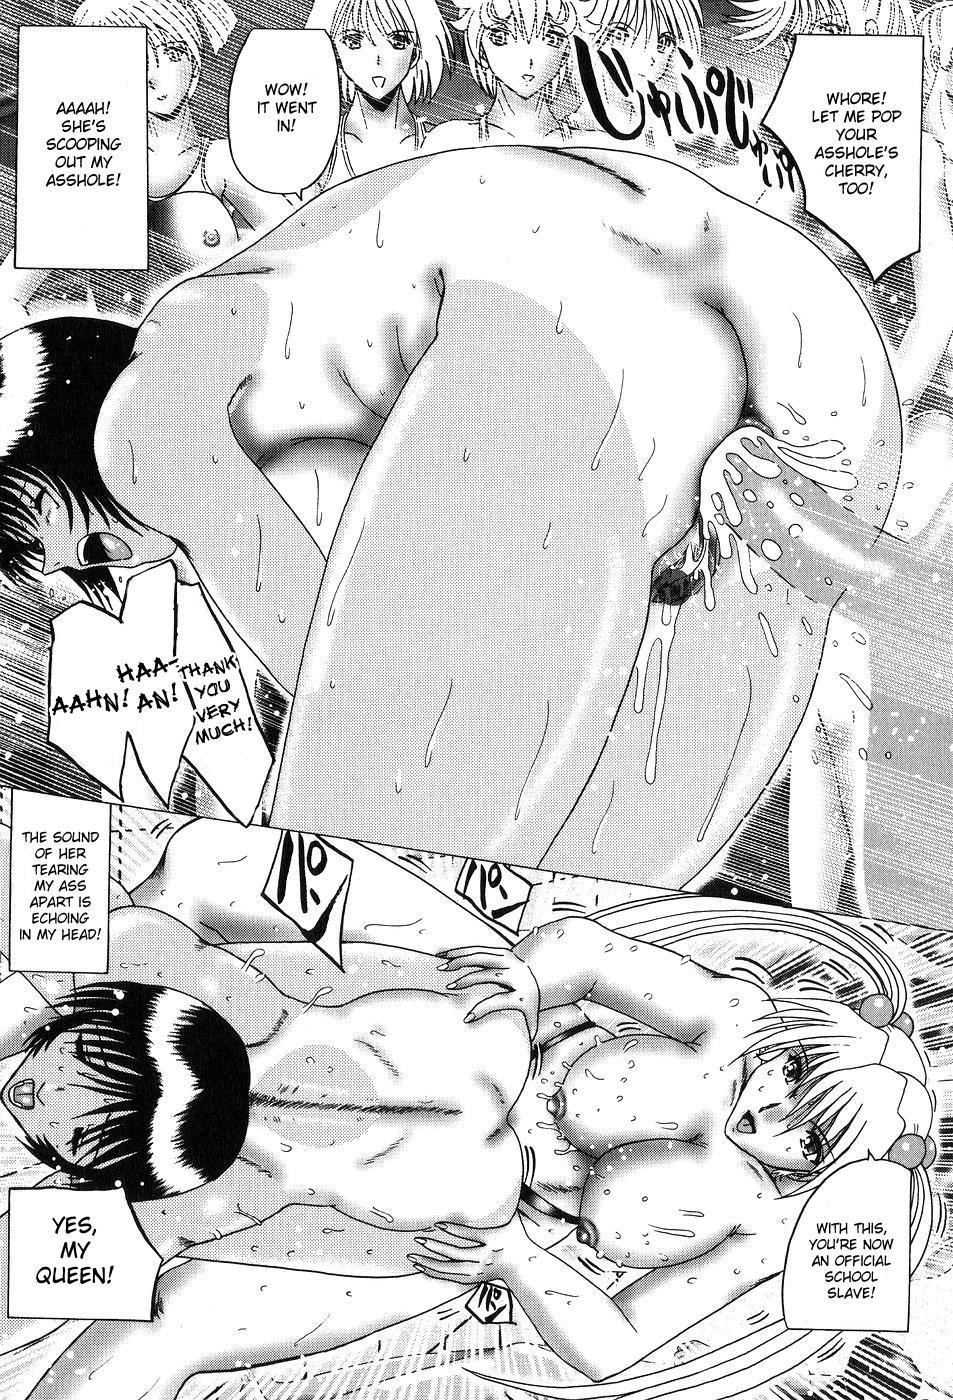 [Onibara] Roshutsu Mazo to Nikutai Joousama - Queen & Slave Ch. 1-5 [English] [desudesu] 41